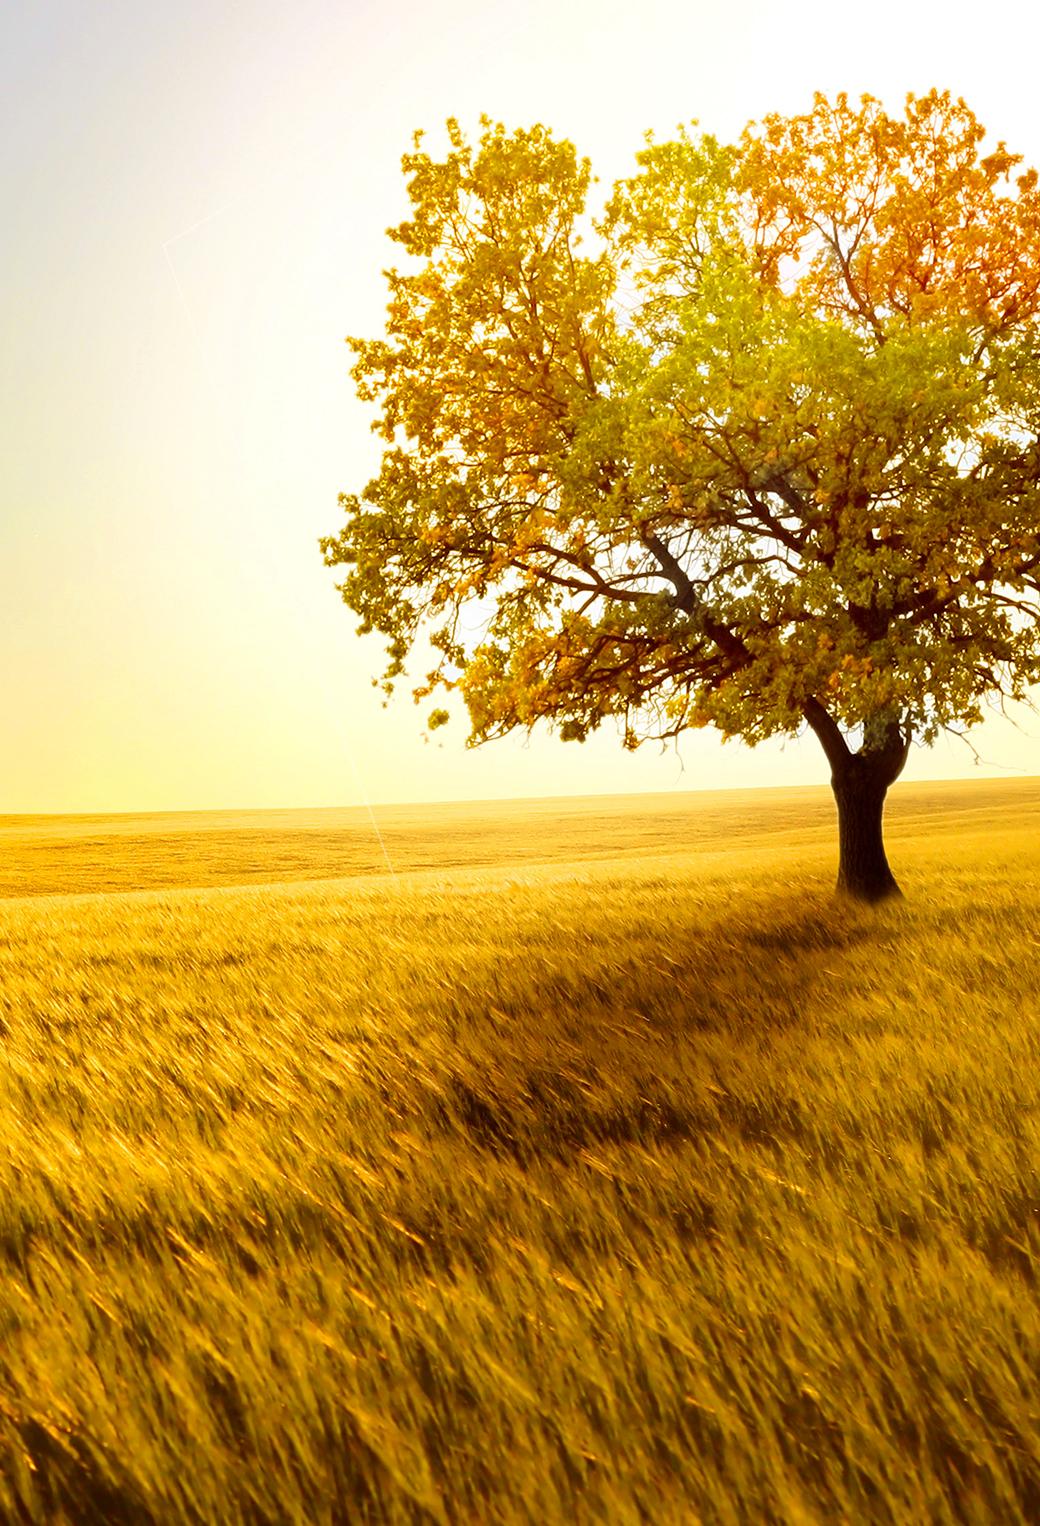 Tree Field 3Wallpapers iPhone Parallax Tree Field